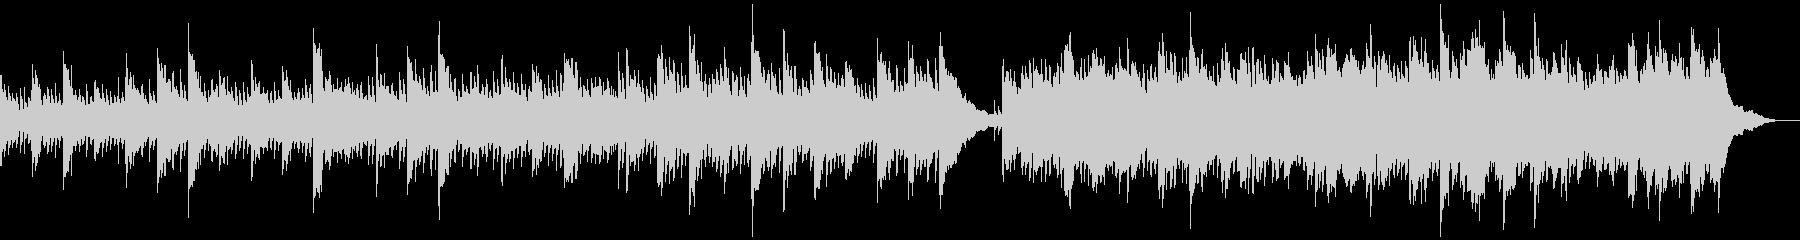 現代的 交響曲 室内楽 クラシック...の未再生の波形